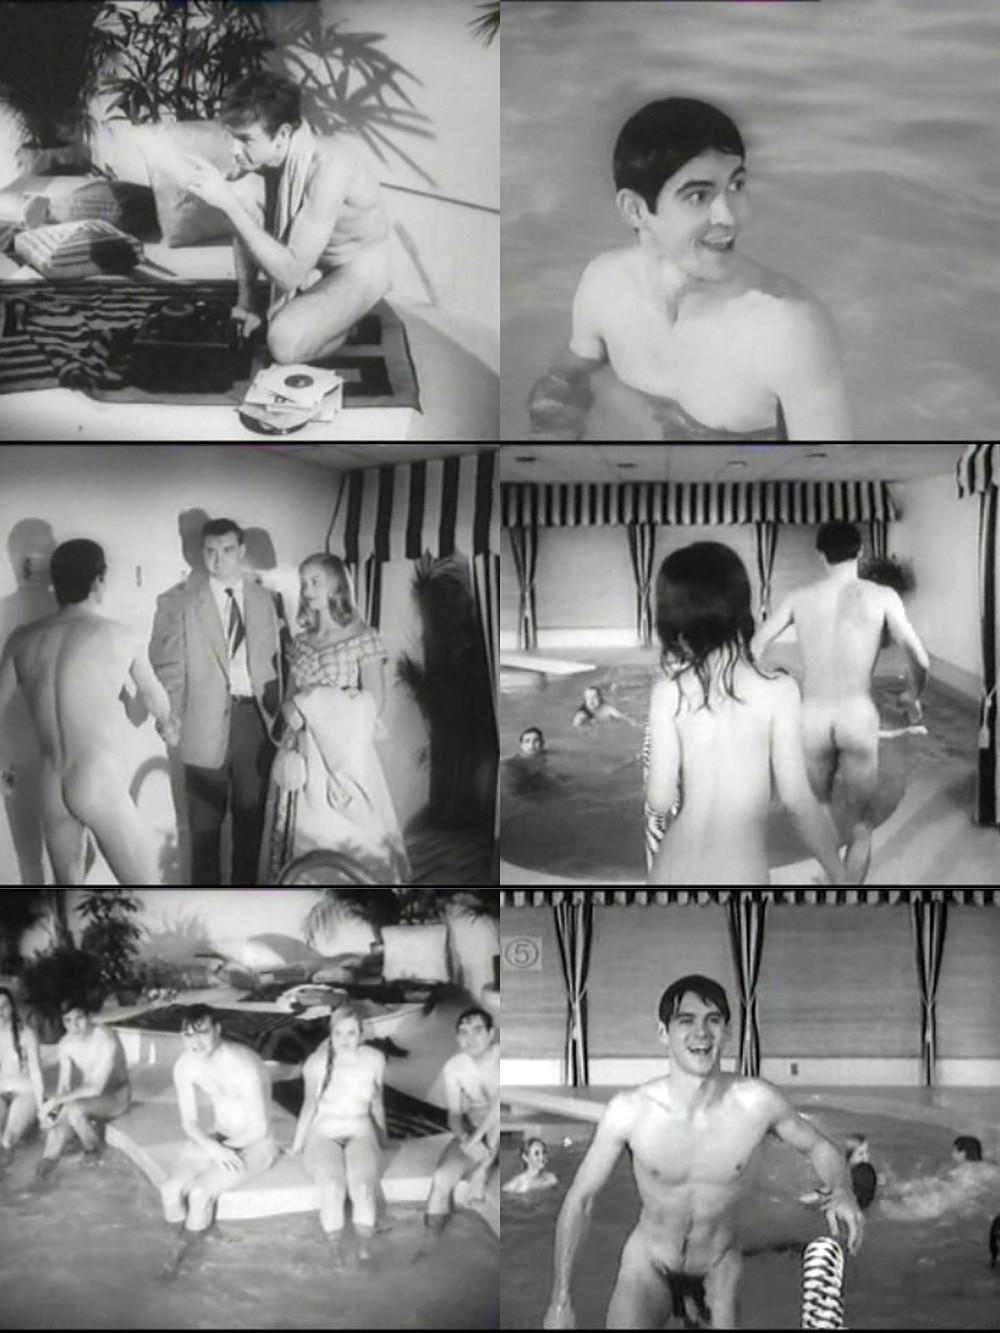 Skinny-dip scene